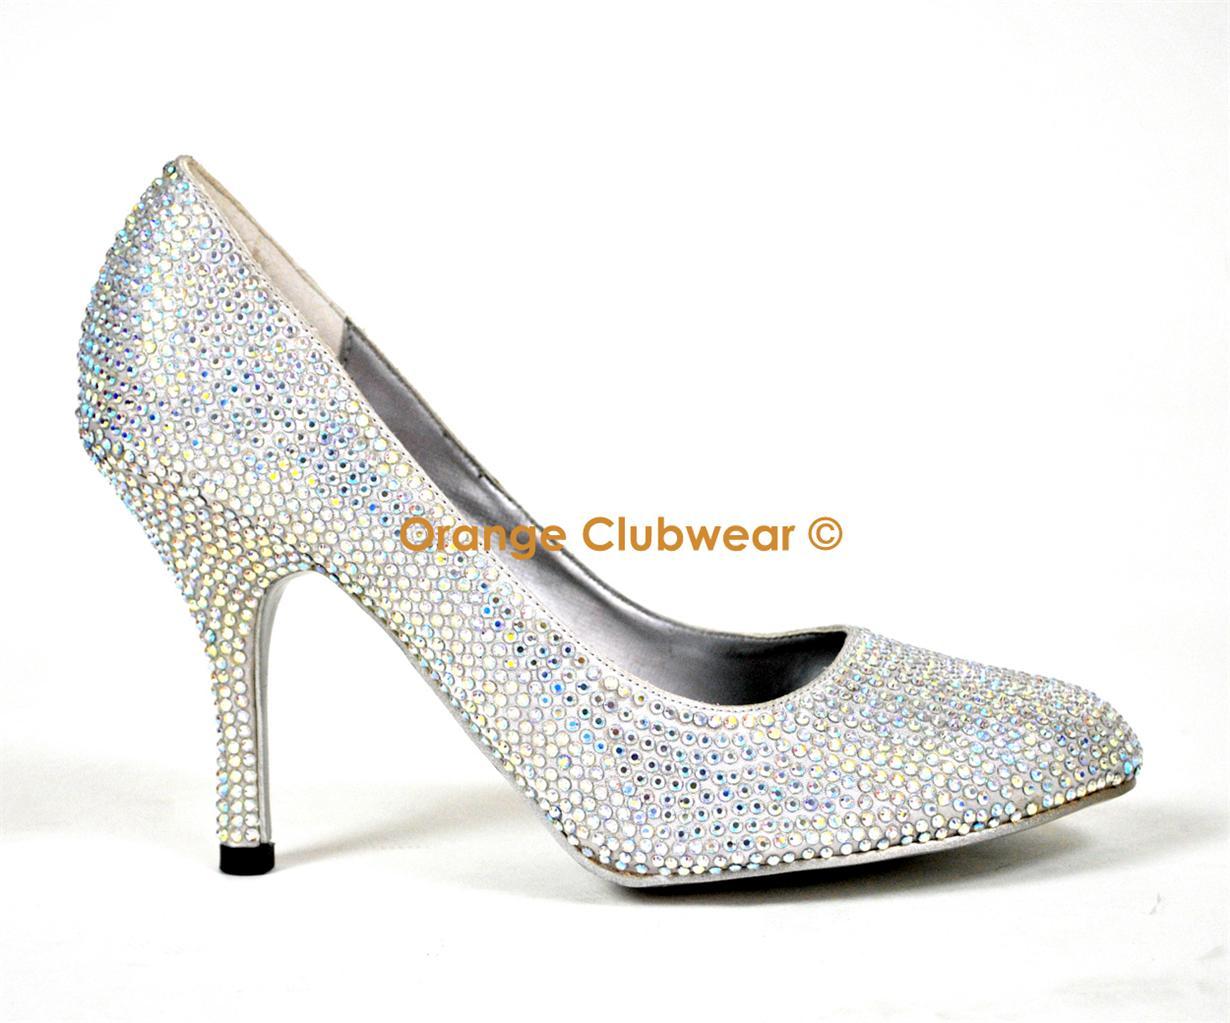 bordello iridescent gem rhinestone prom evening pumps